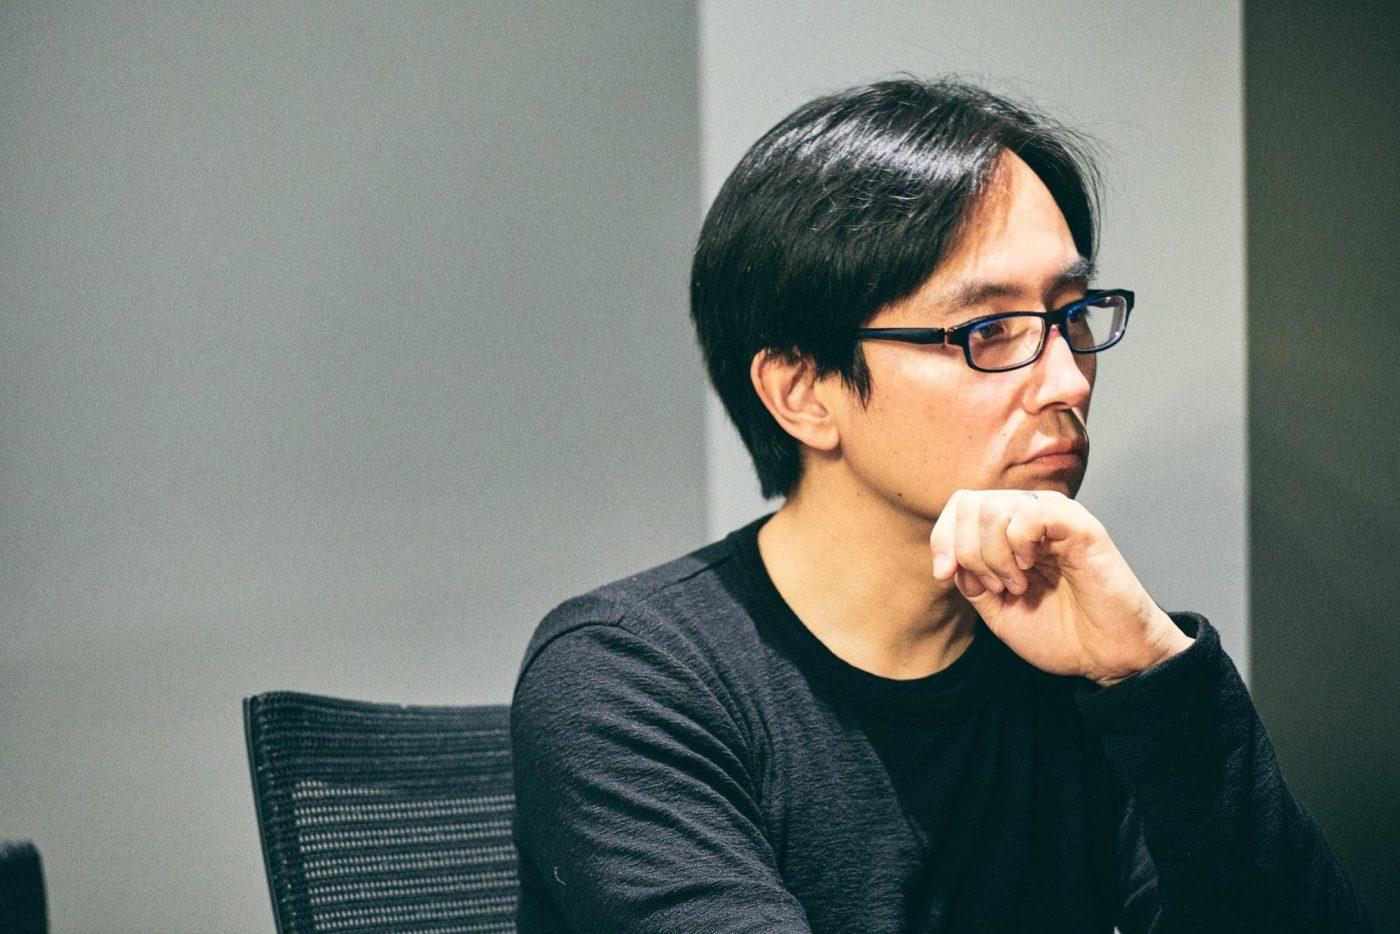 リクルートの新規事業開発室って、後にKaizen Platformを創業する須藤憲司さんにお聞きしたんですけど、すごい人材が揃っていた